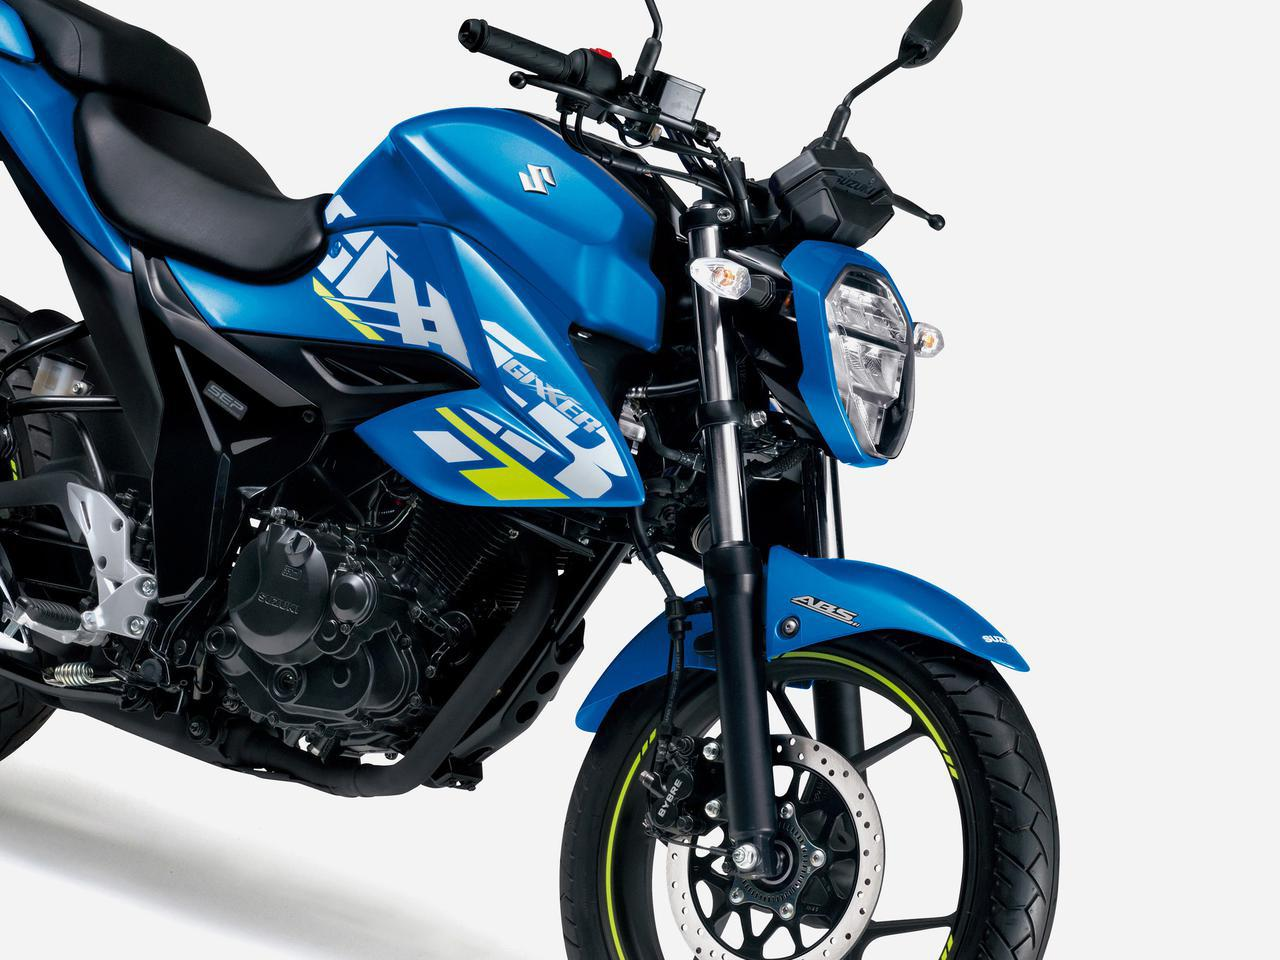 画像: 【ジクサー(150)】最強コスパ系150ccバイク! スズキの燃費王『ジクサー(150)』の2021年モデルが攻めのカラーに!? - スズキのバイク!